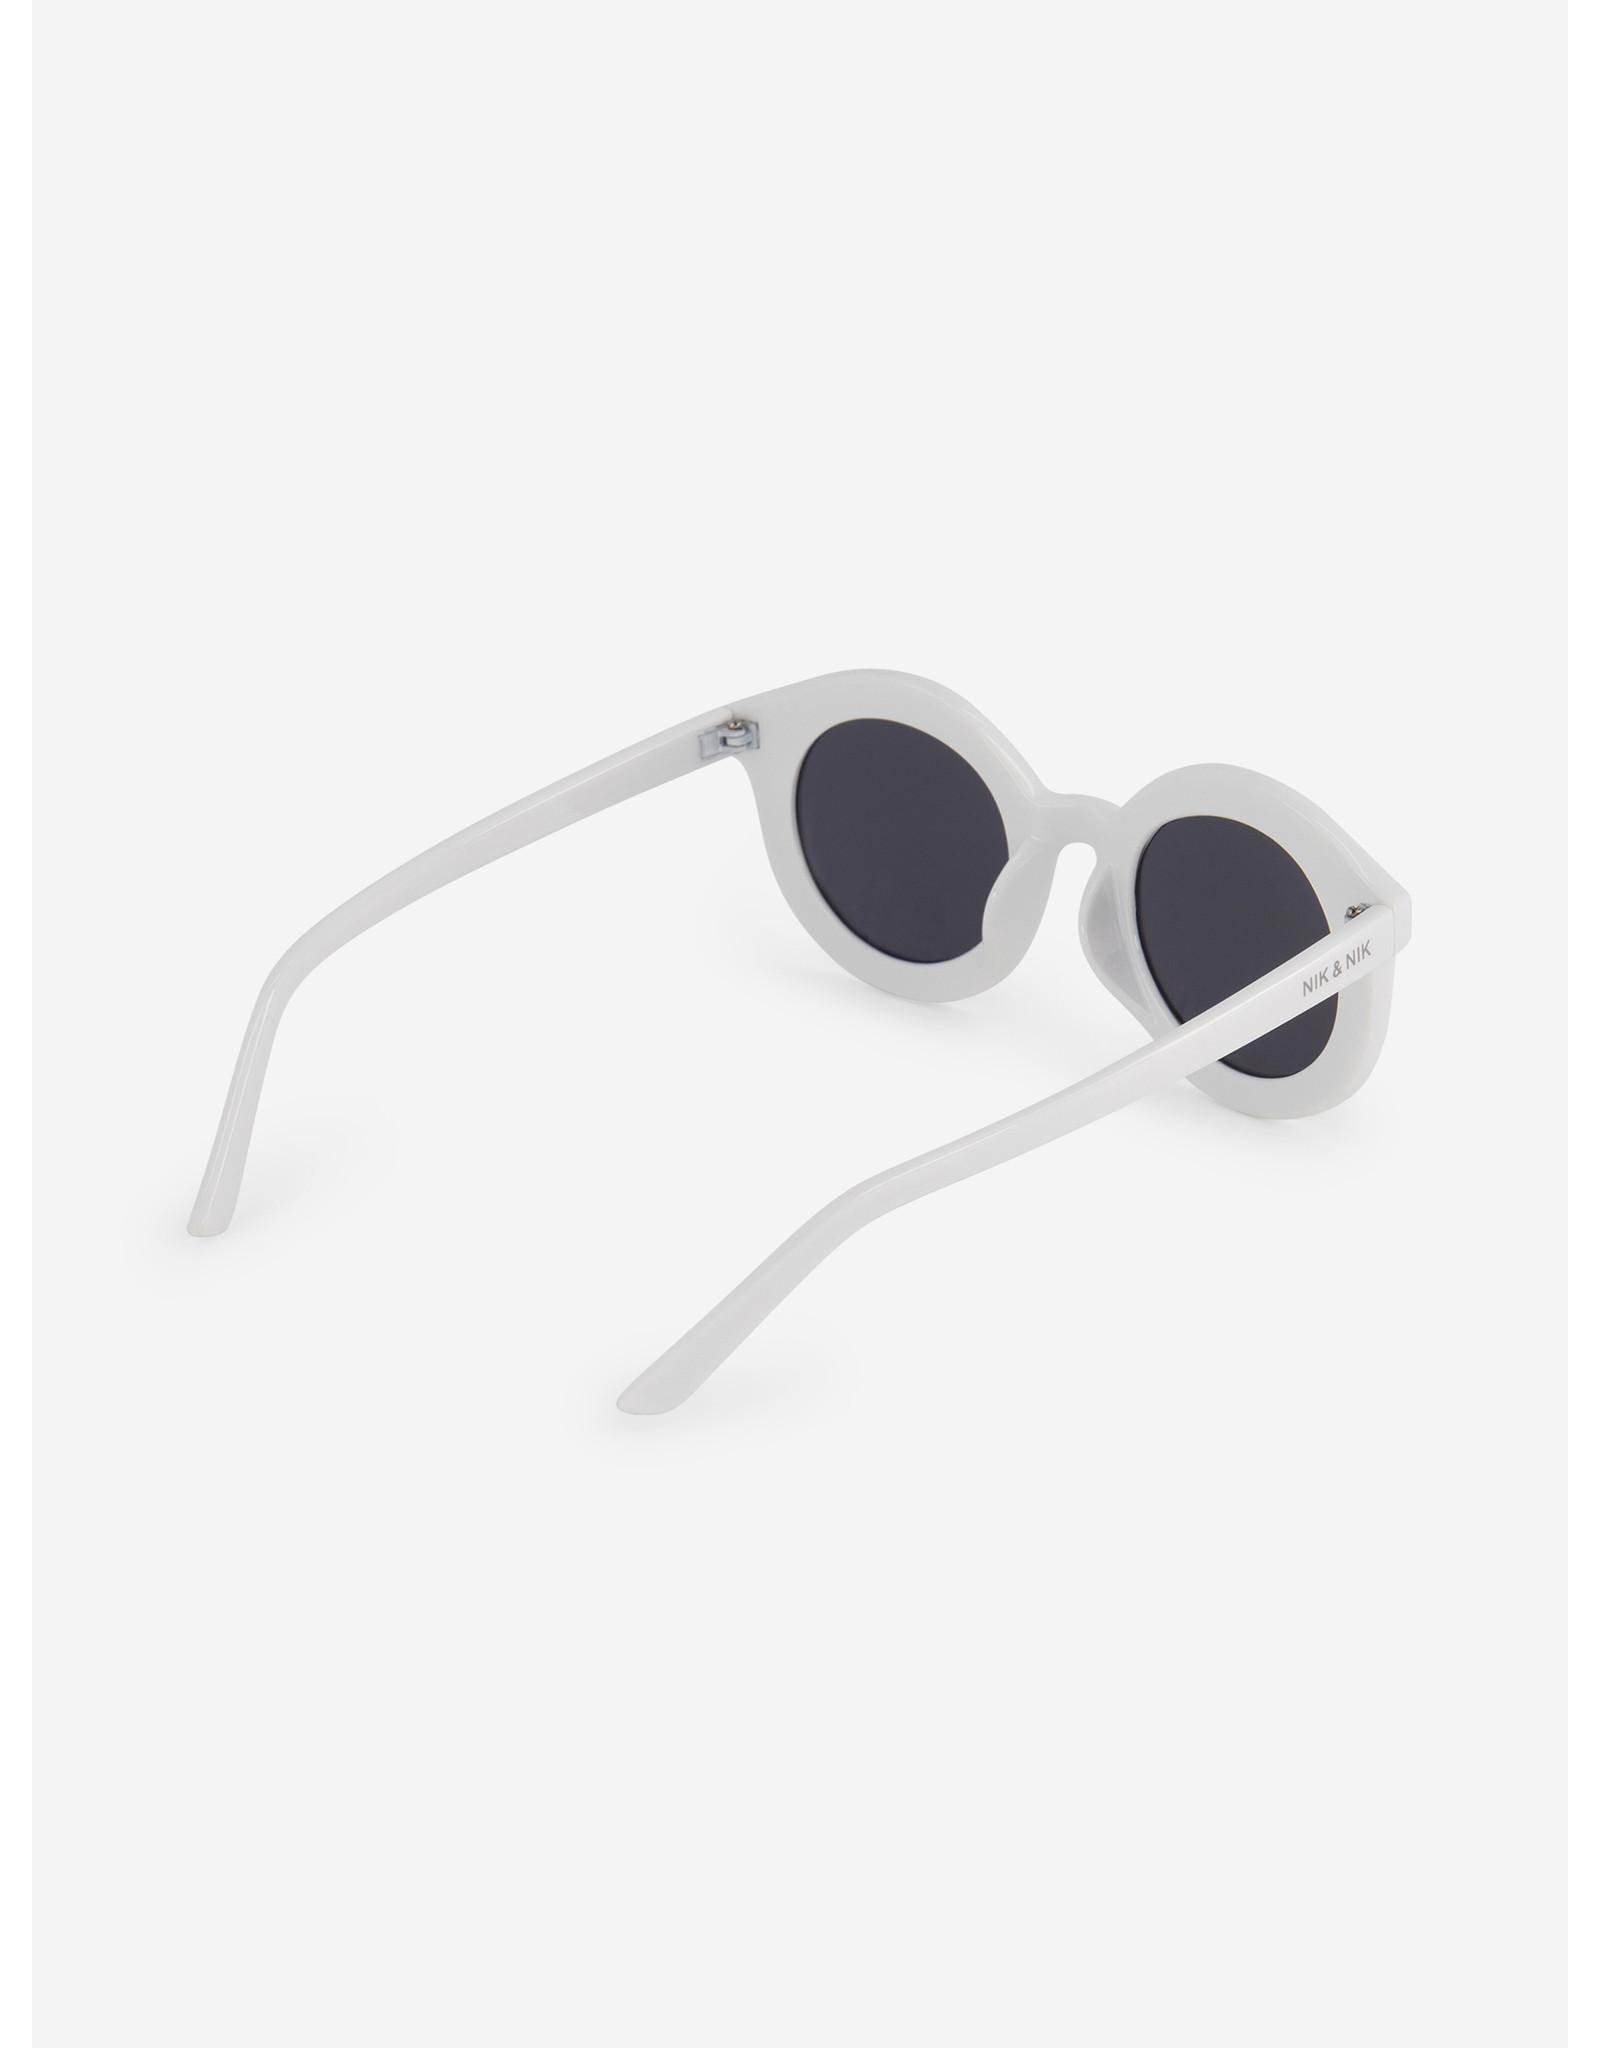 Nik&Nik NIK&NIK Lott Sunglasses Vintage White one size